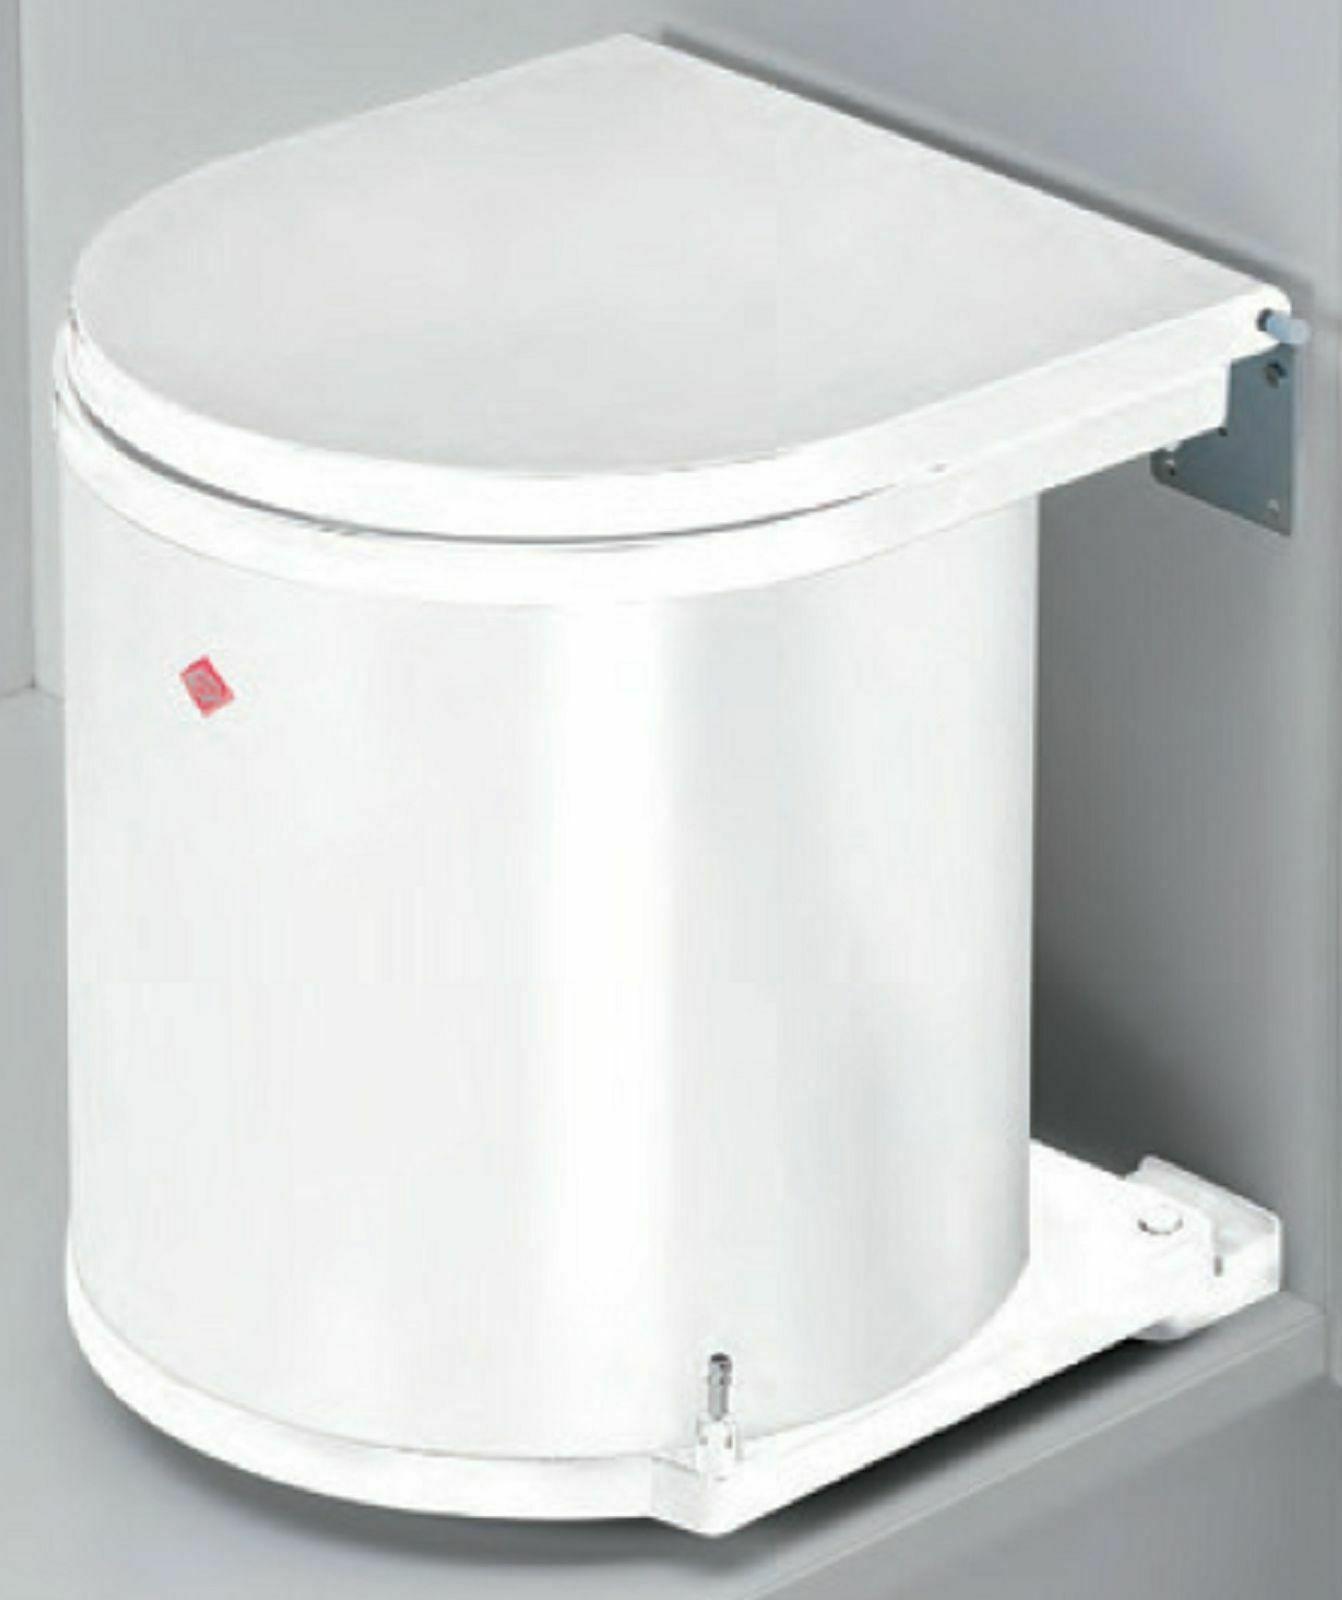 Mülleimer Küche 1x13 Liter Wesco Single Abfalleimer 40 cm Küchenschrank  *40655 - yatego.com